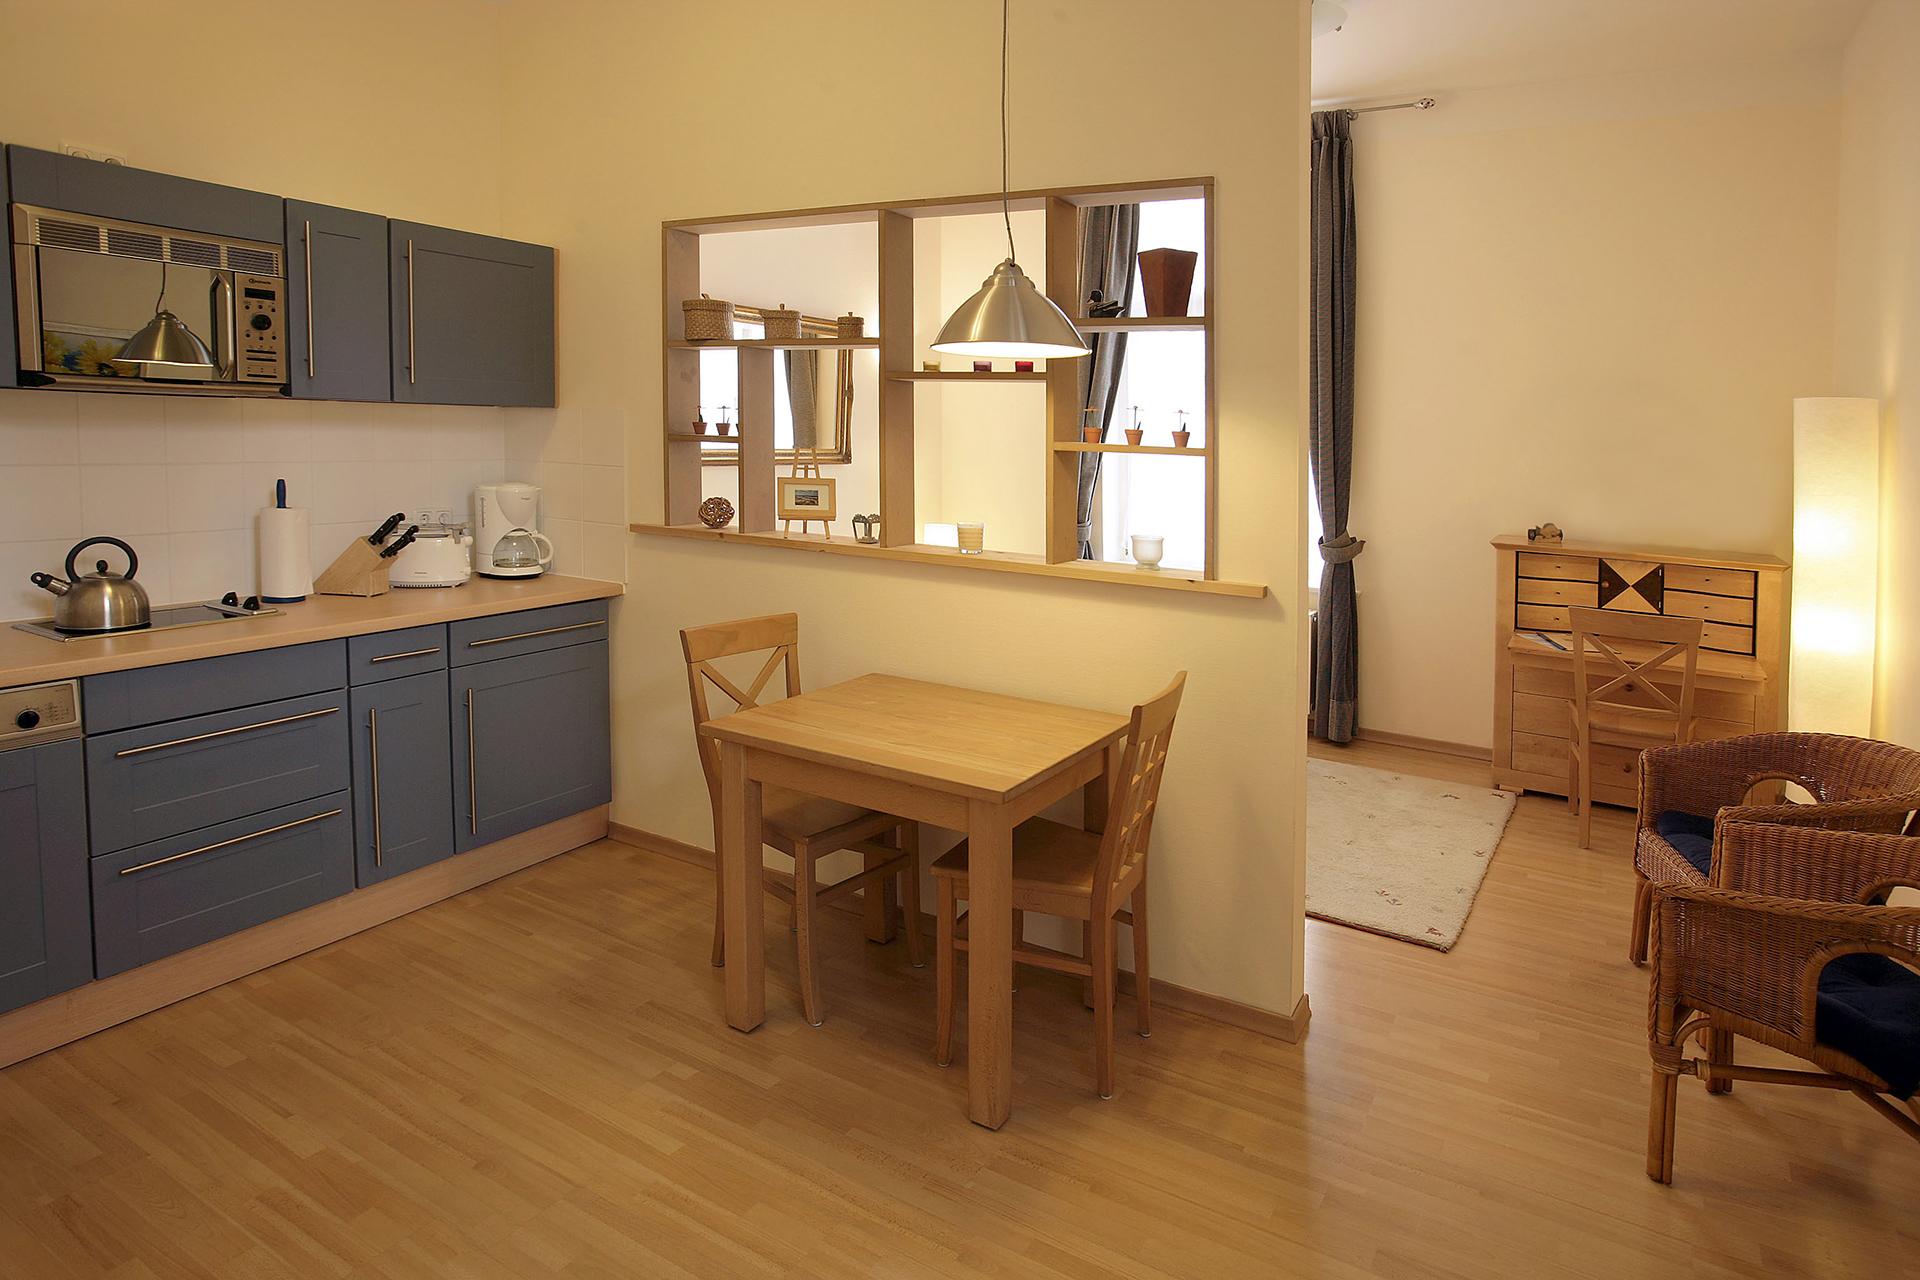 ferienwohnung no 12 villa glaeser ferienwohnungen bansin. Black Bedroom Furniture Sets. Home Design Ideas